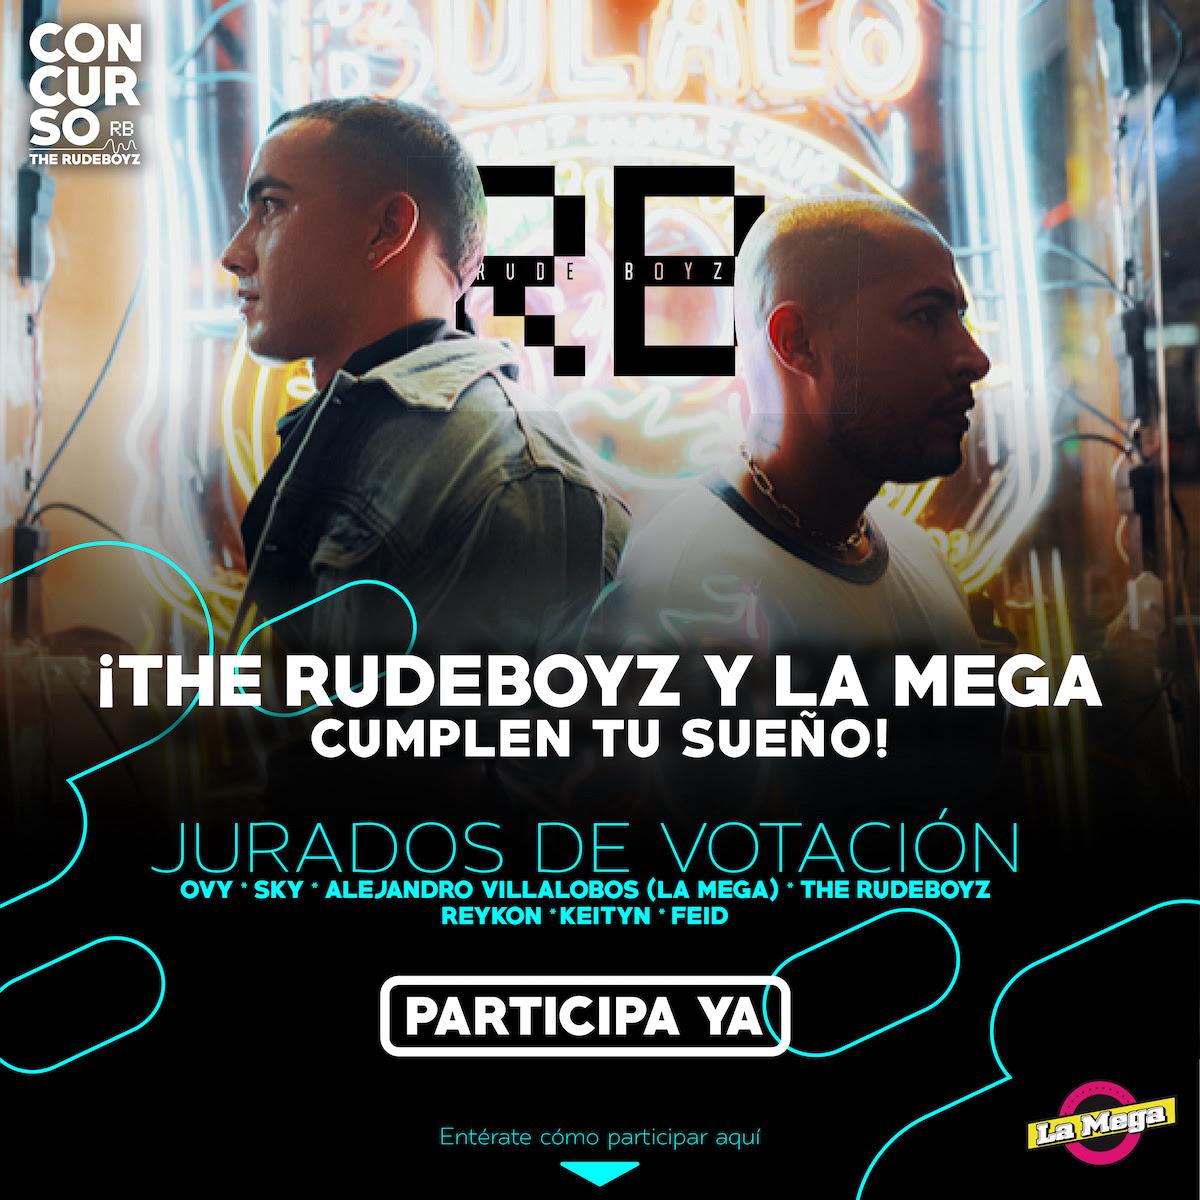 The Rudeboyz y La Mega de Colombia abren puerta a los artistas nuevos